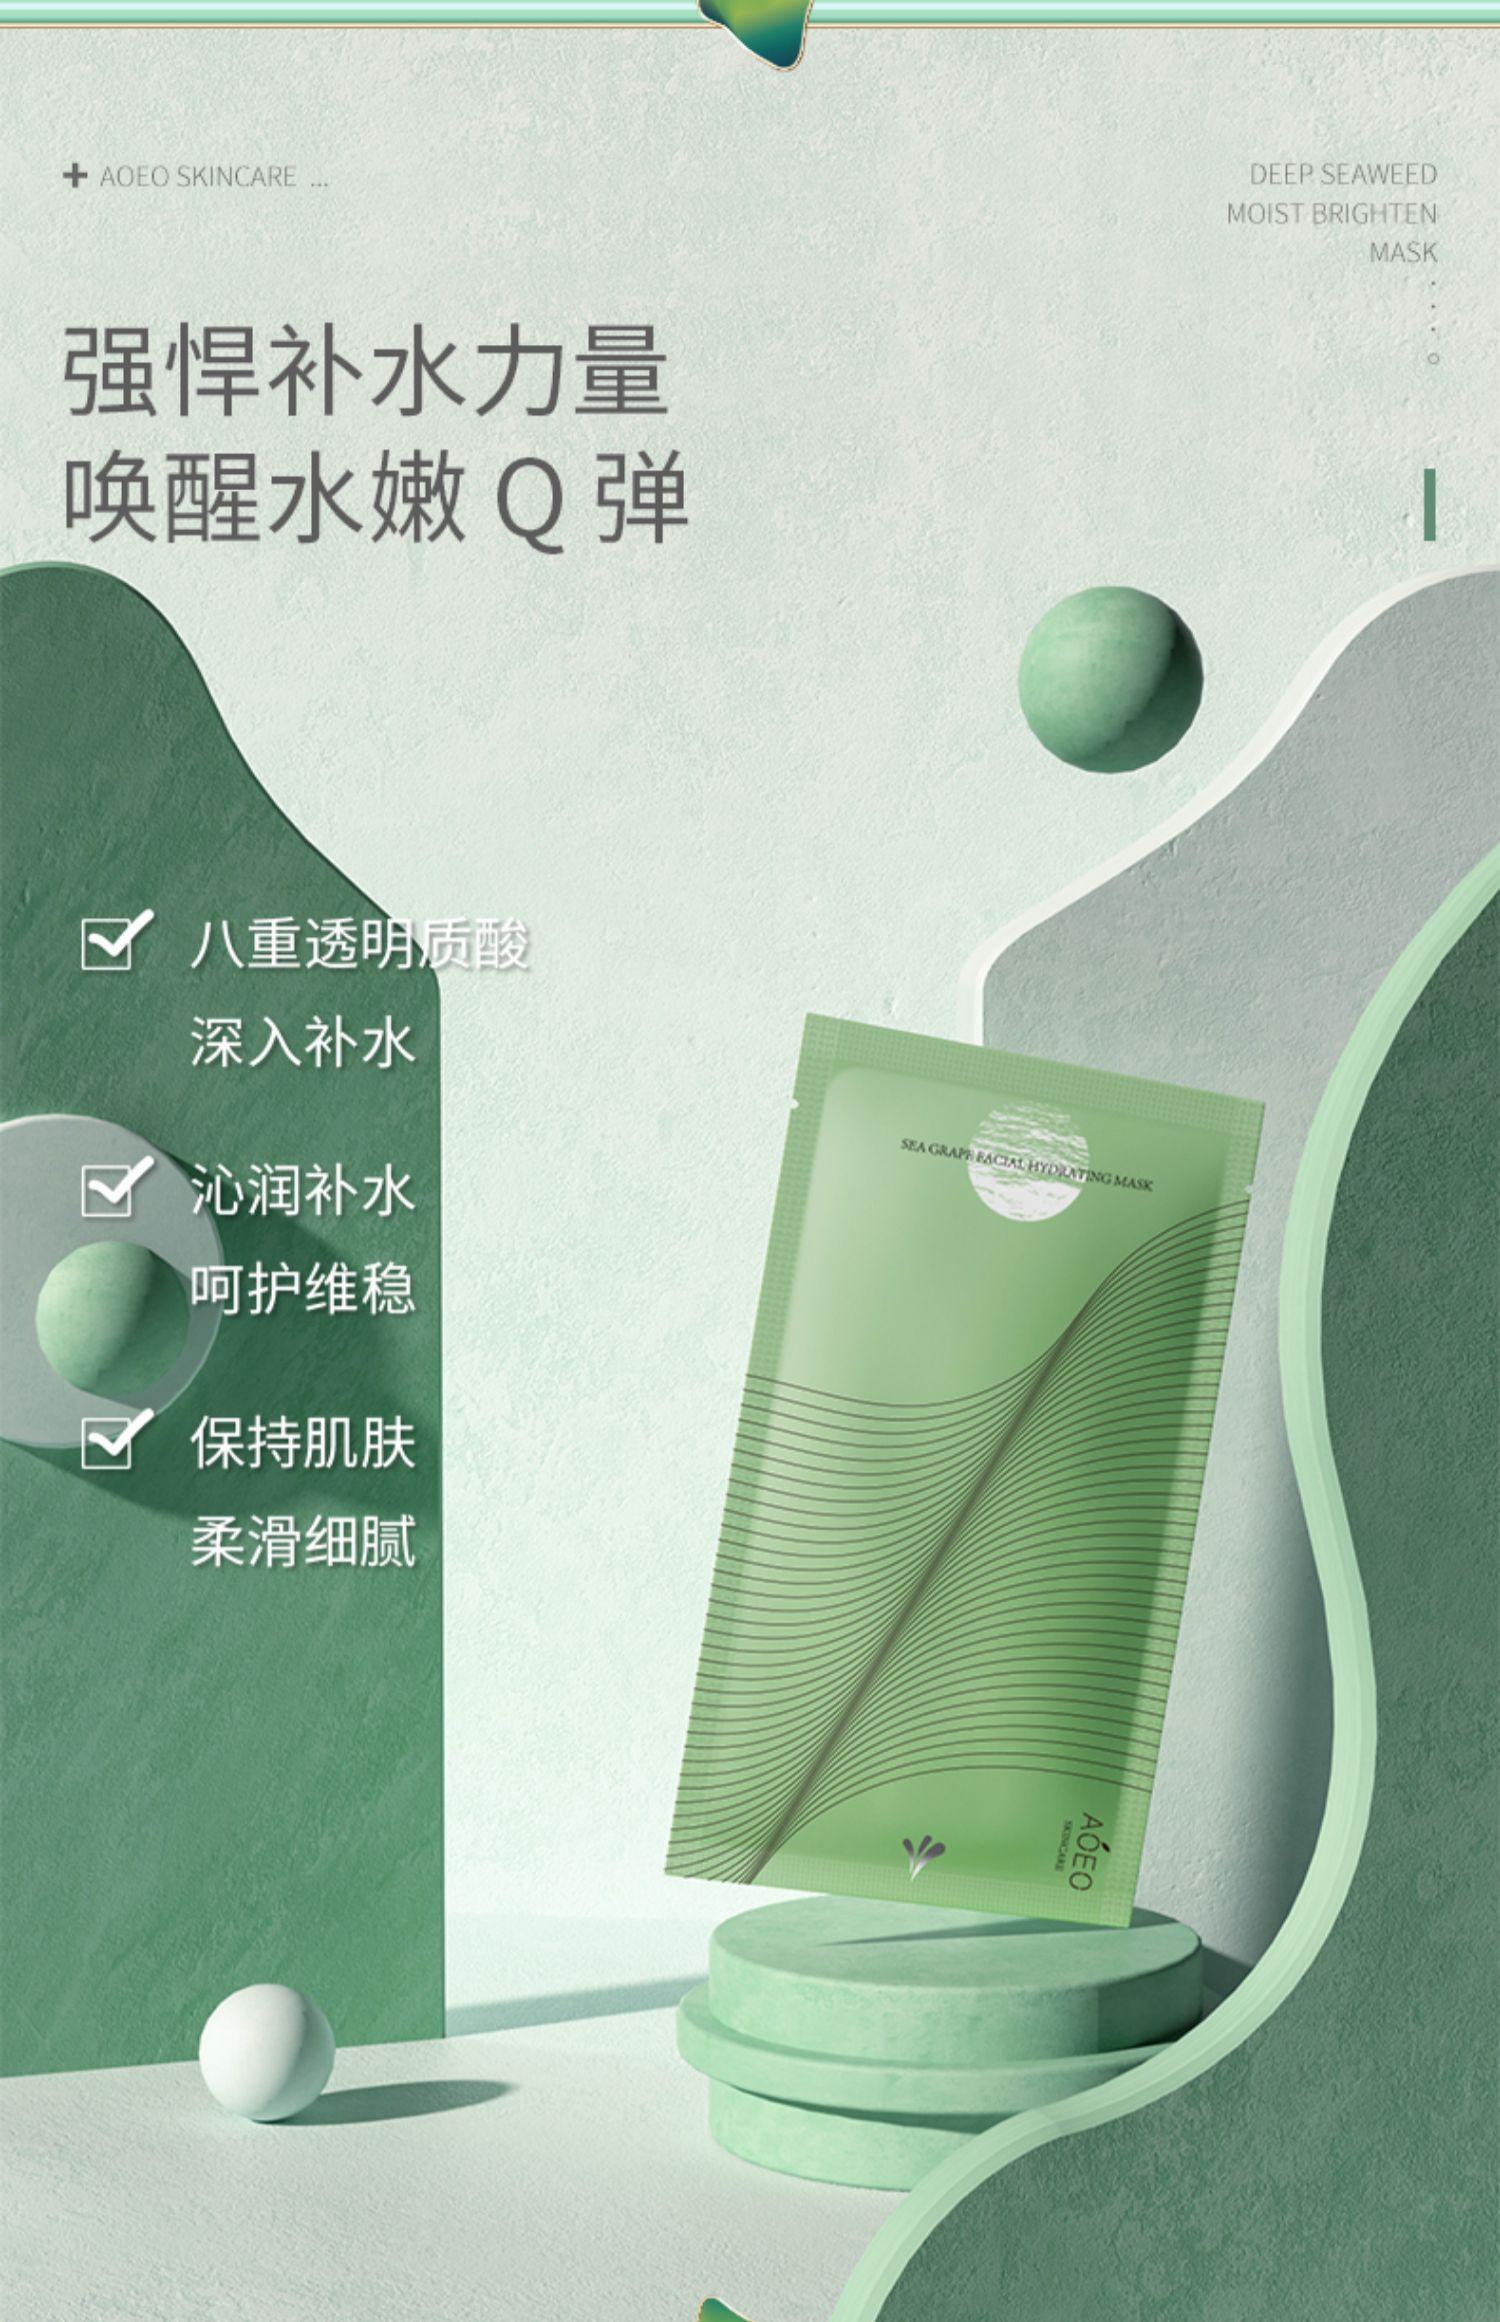 【AOEO】海葡萄精华补水面膜6